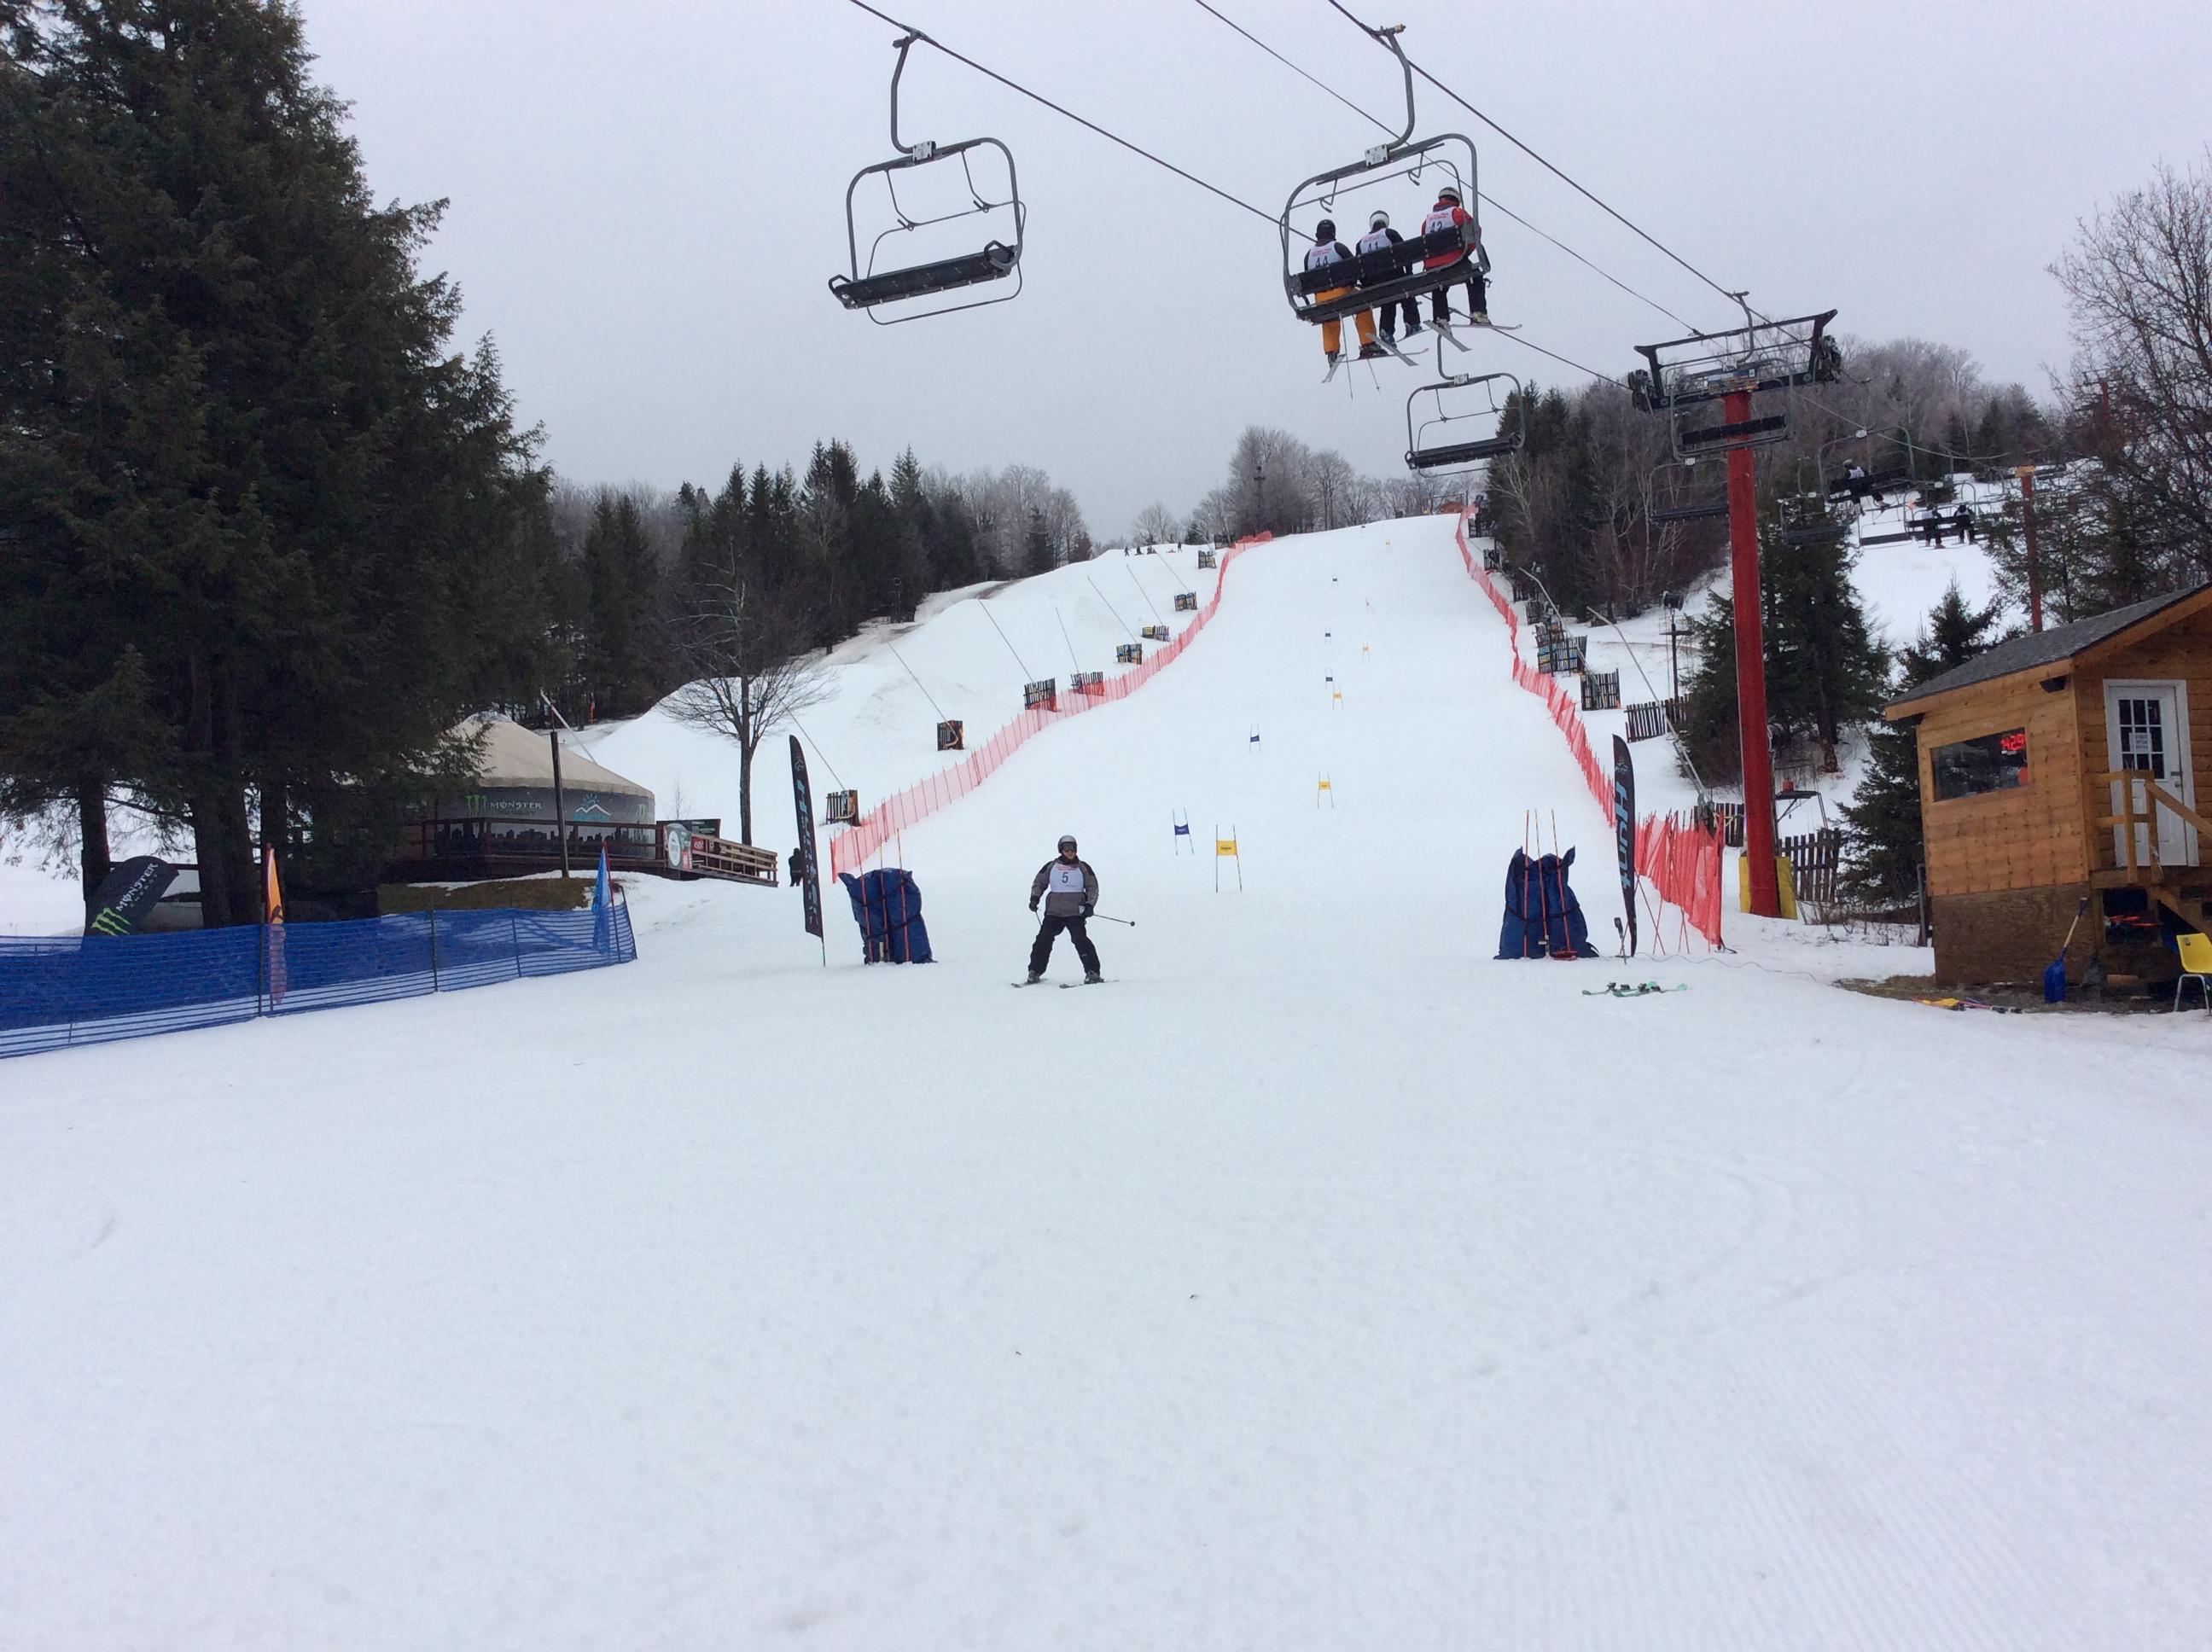 nypd-ski-club_32396160345_o